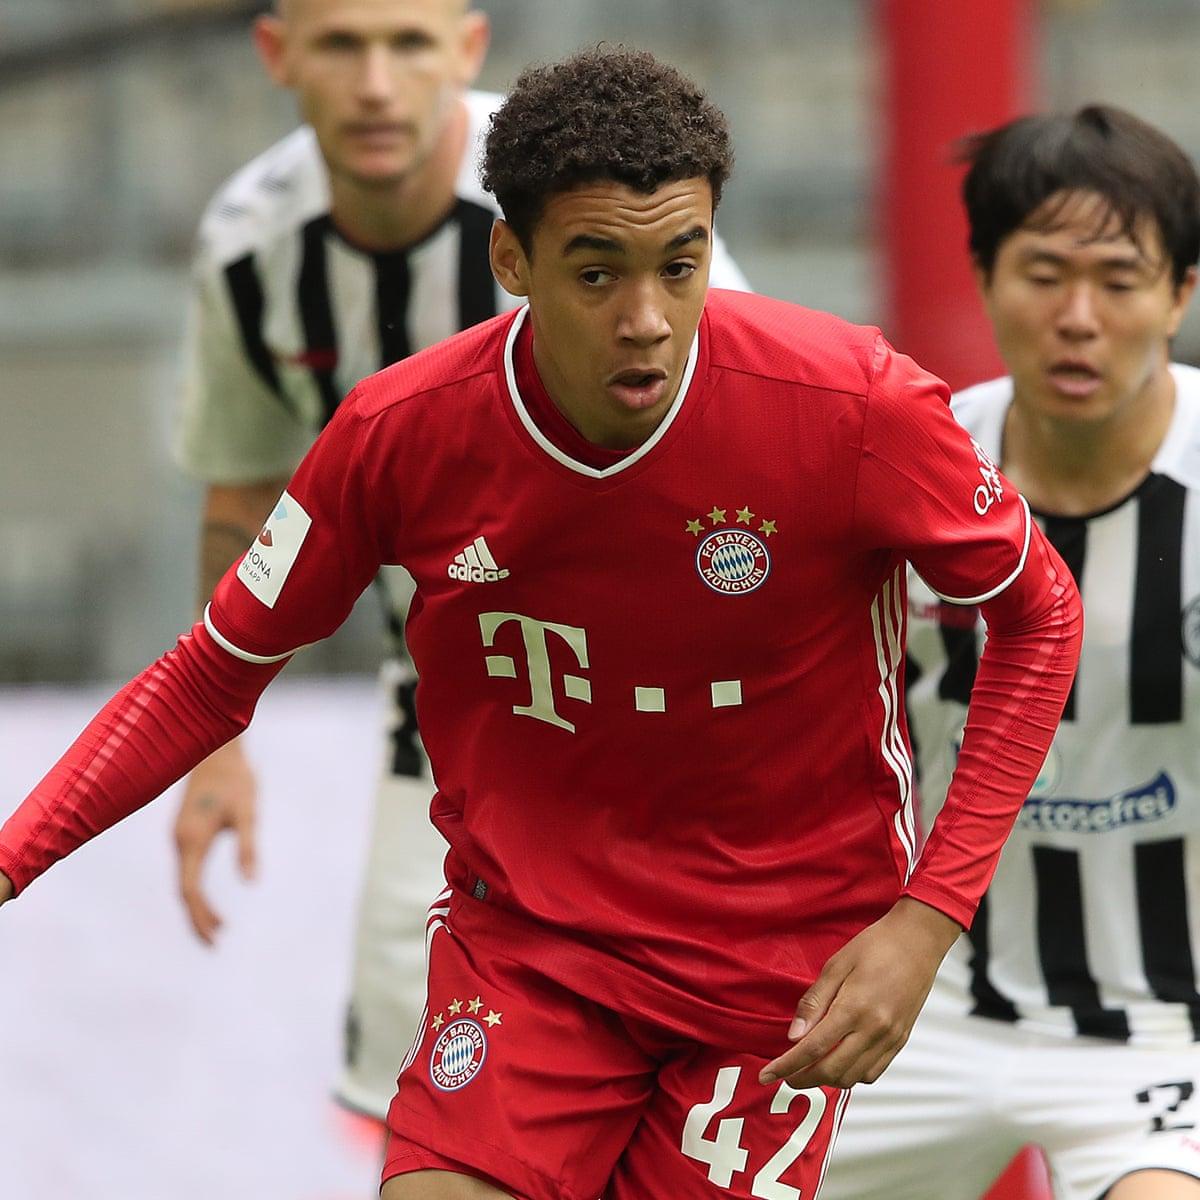 STATS:  Jamal Musiala nach 81 #Bundesliga-Minuten: 5 Angriffseinleitungen (AIN Attack Inputs) 27 Sprints 10 Dribblings (7 won) 1,18 Ballaktionen/Min  23 Zweikämpfe (won 15, 66%) 4 Chancen, davon 2 TOP (1) von 2 Tore  Fazit: Guter Junge mit VIEL Potenzial 😉  #fcbayern #KOEFCB https://t.co/rueBNubcy8